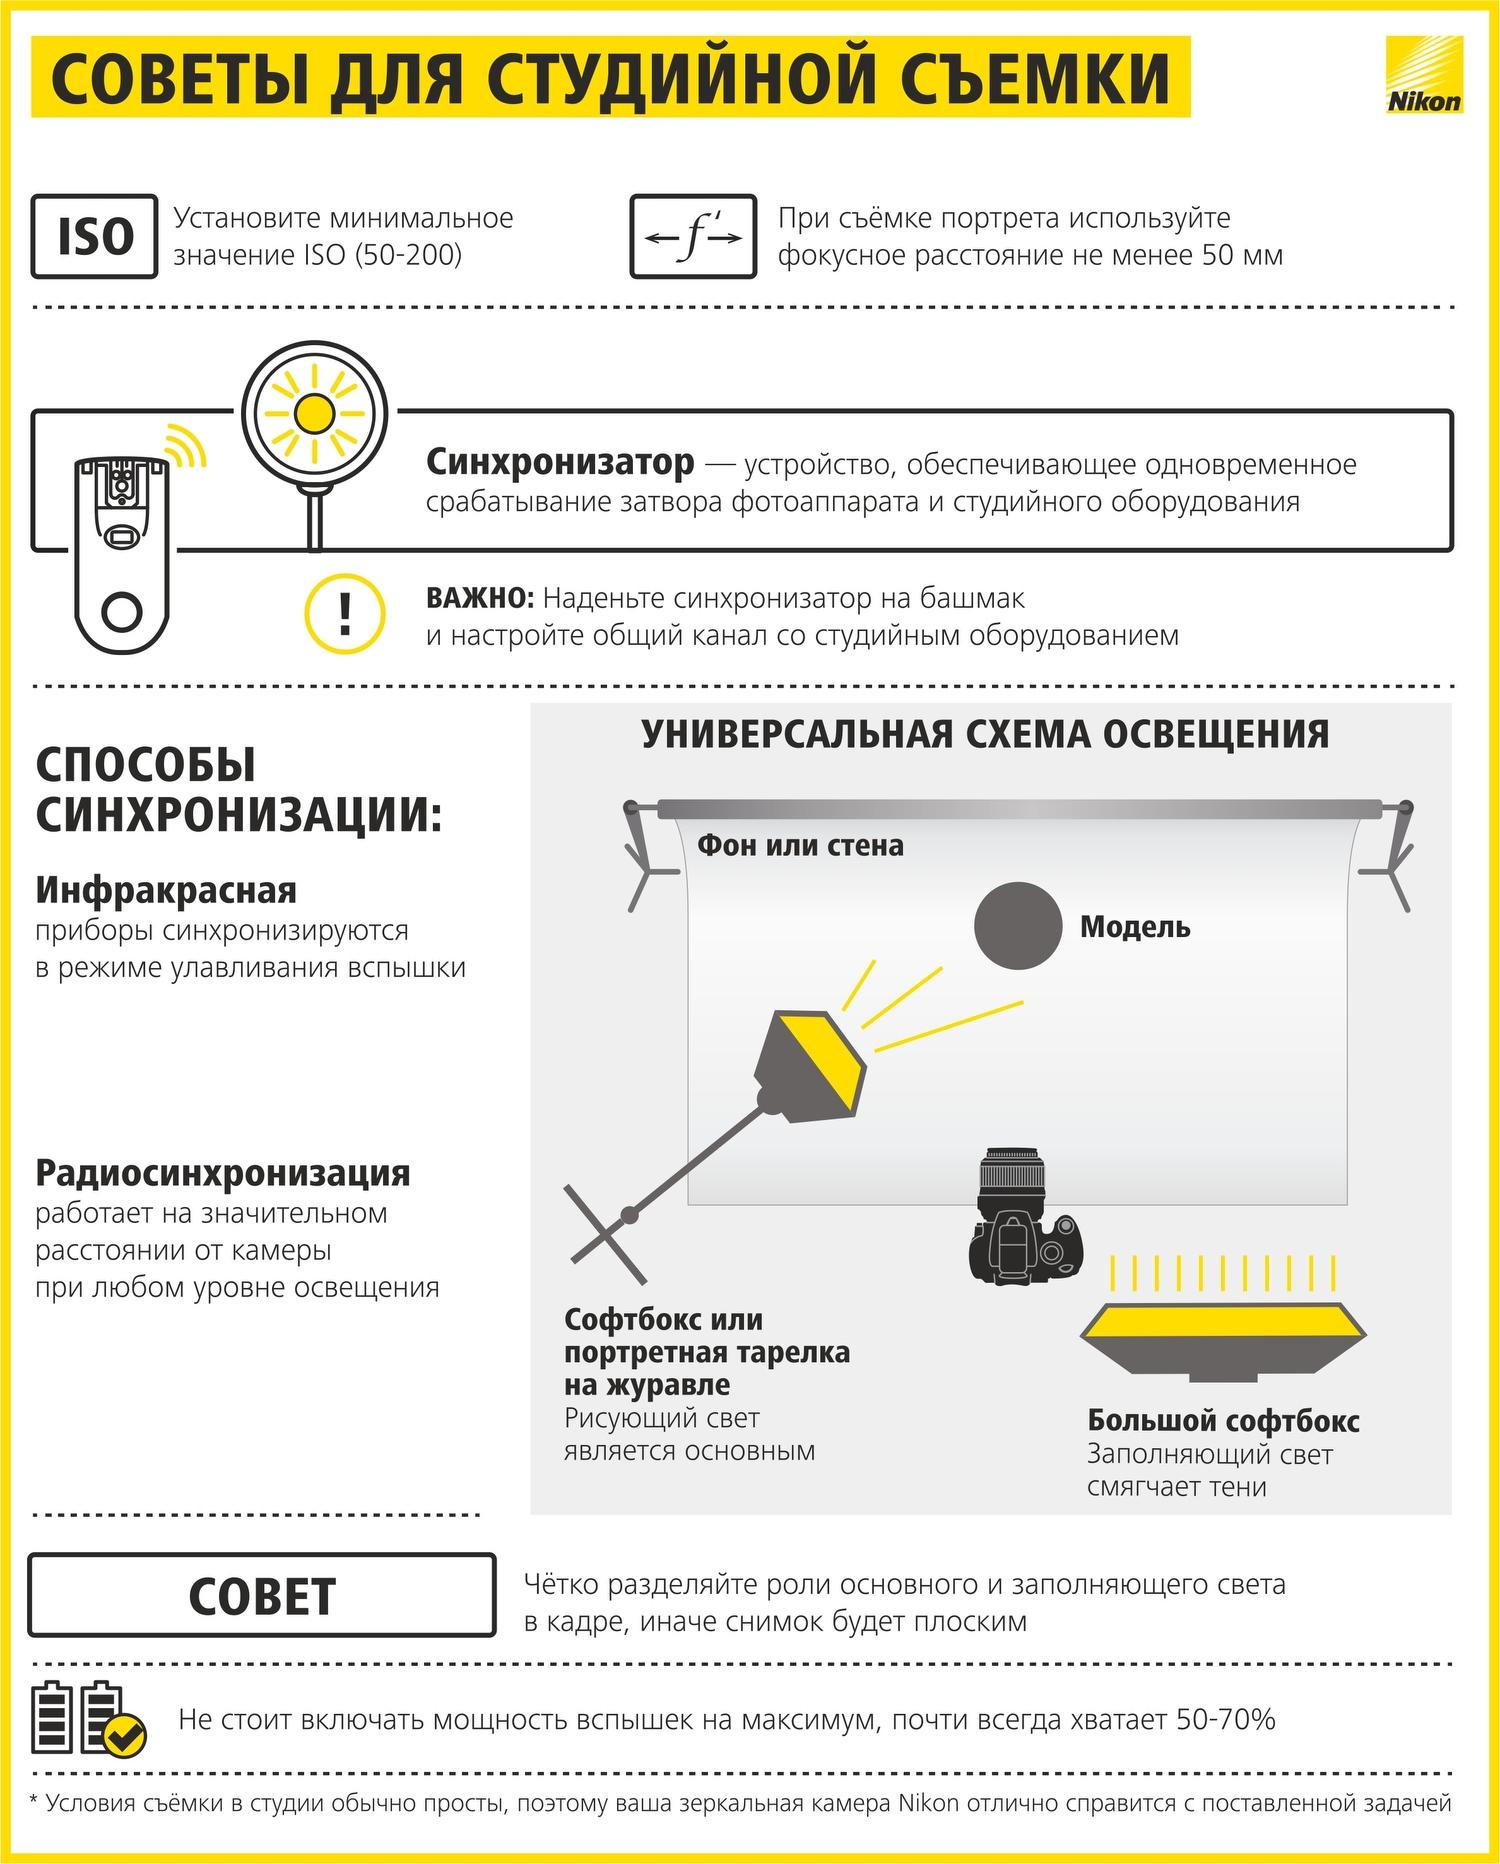 Как научиться фотографировать: пошаговая инструкция от Nikon Info_nikon_20